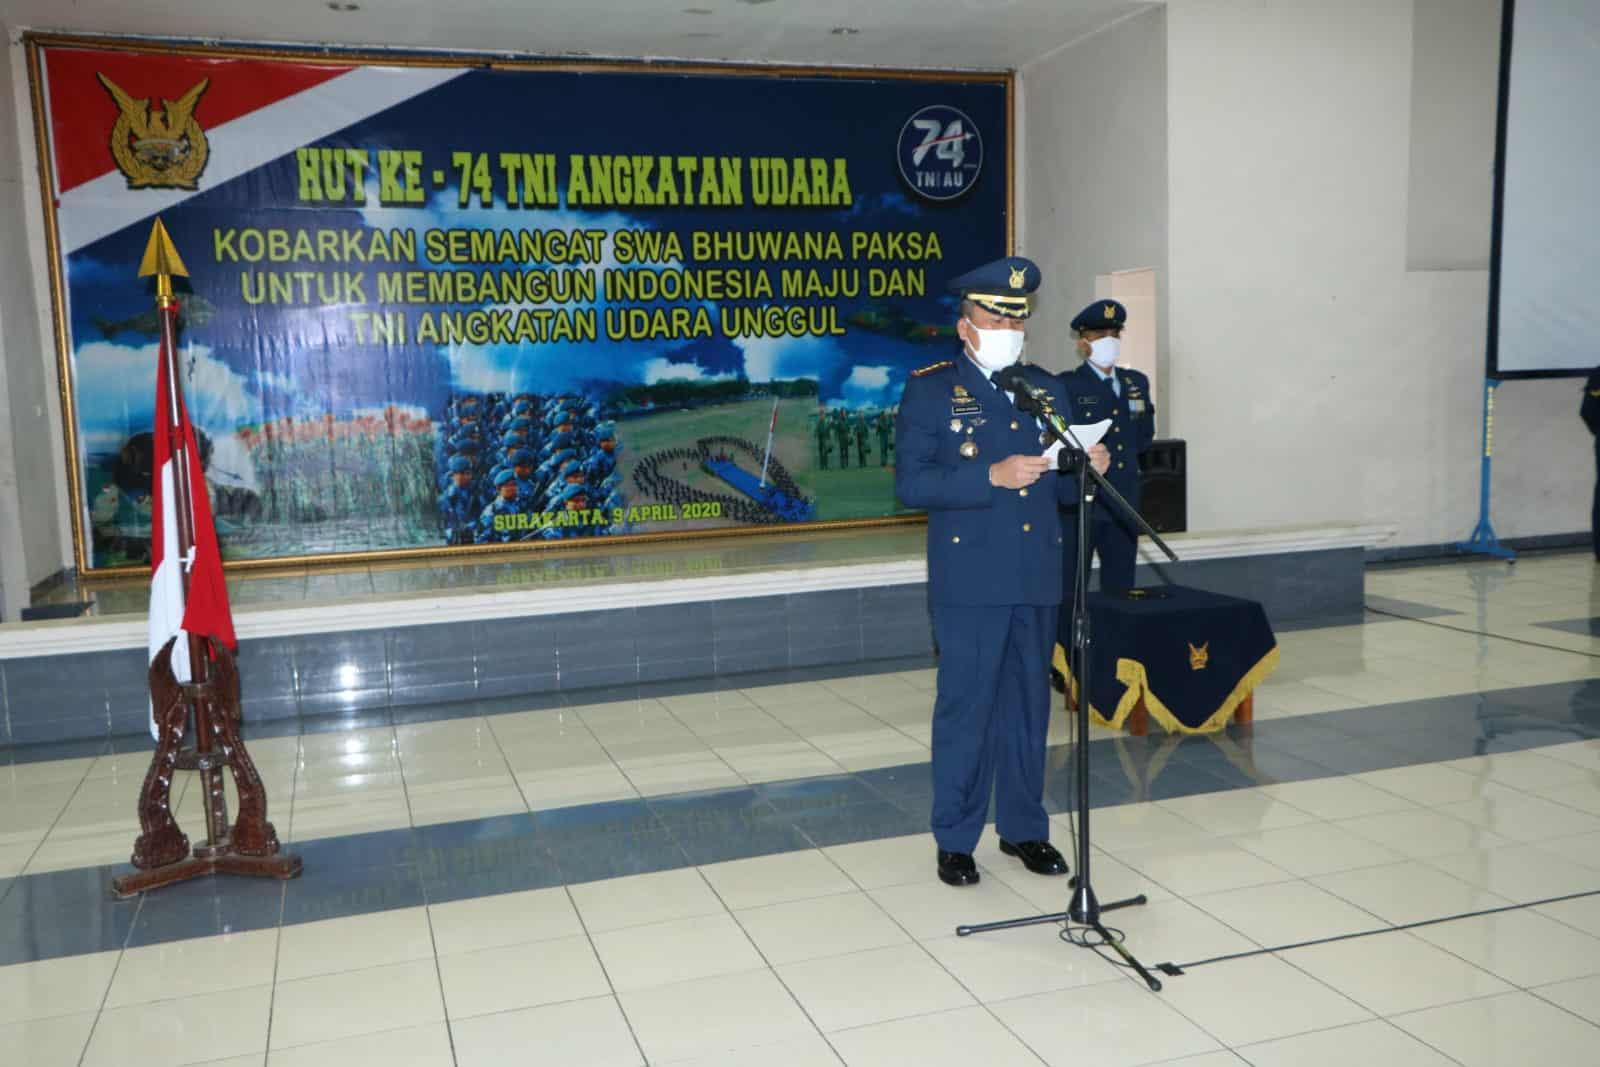 """Kasau : """"Kobarkan semangat Swa Bhuwana Paksa untuk membangun Indonesia maju dan TNI Angkatan Udara unggul""""."""